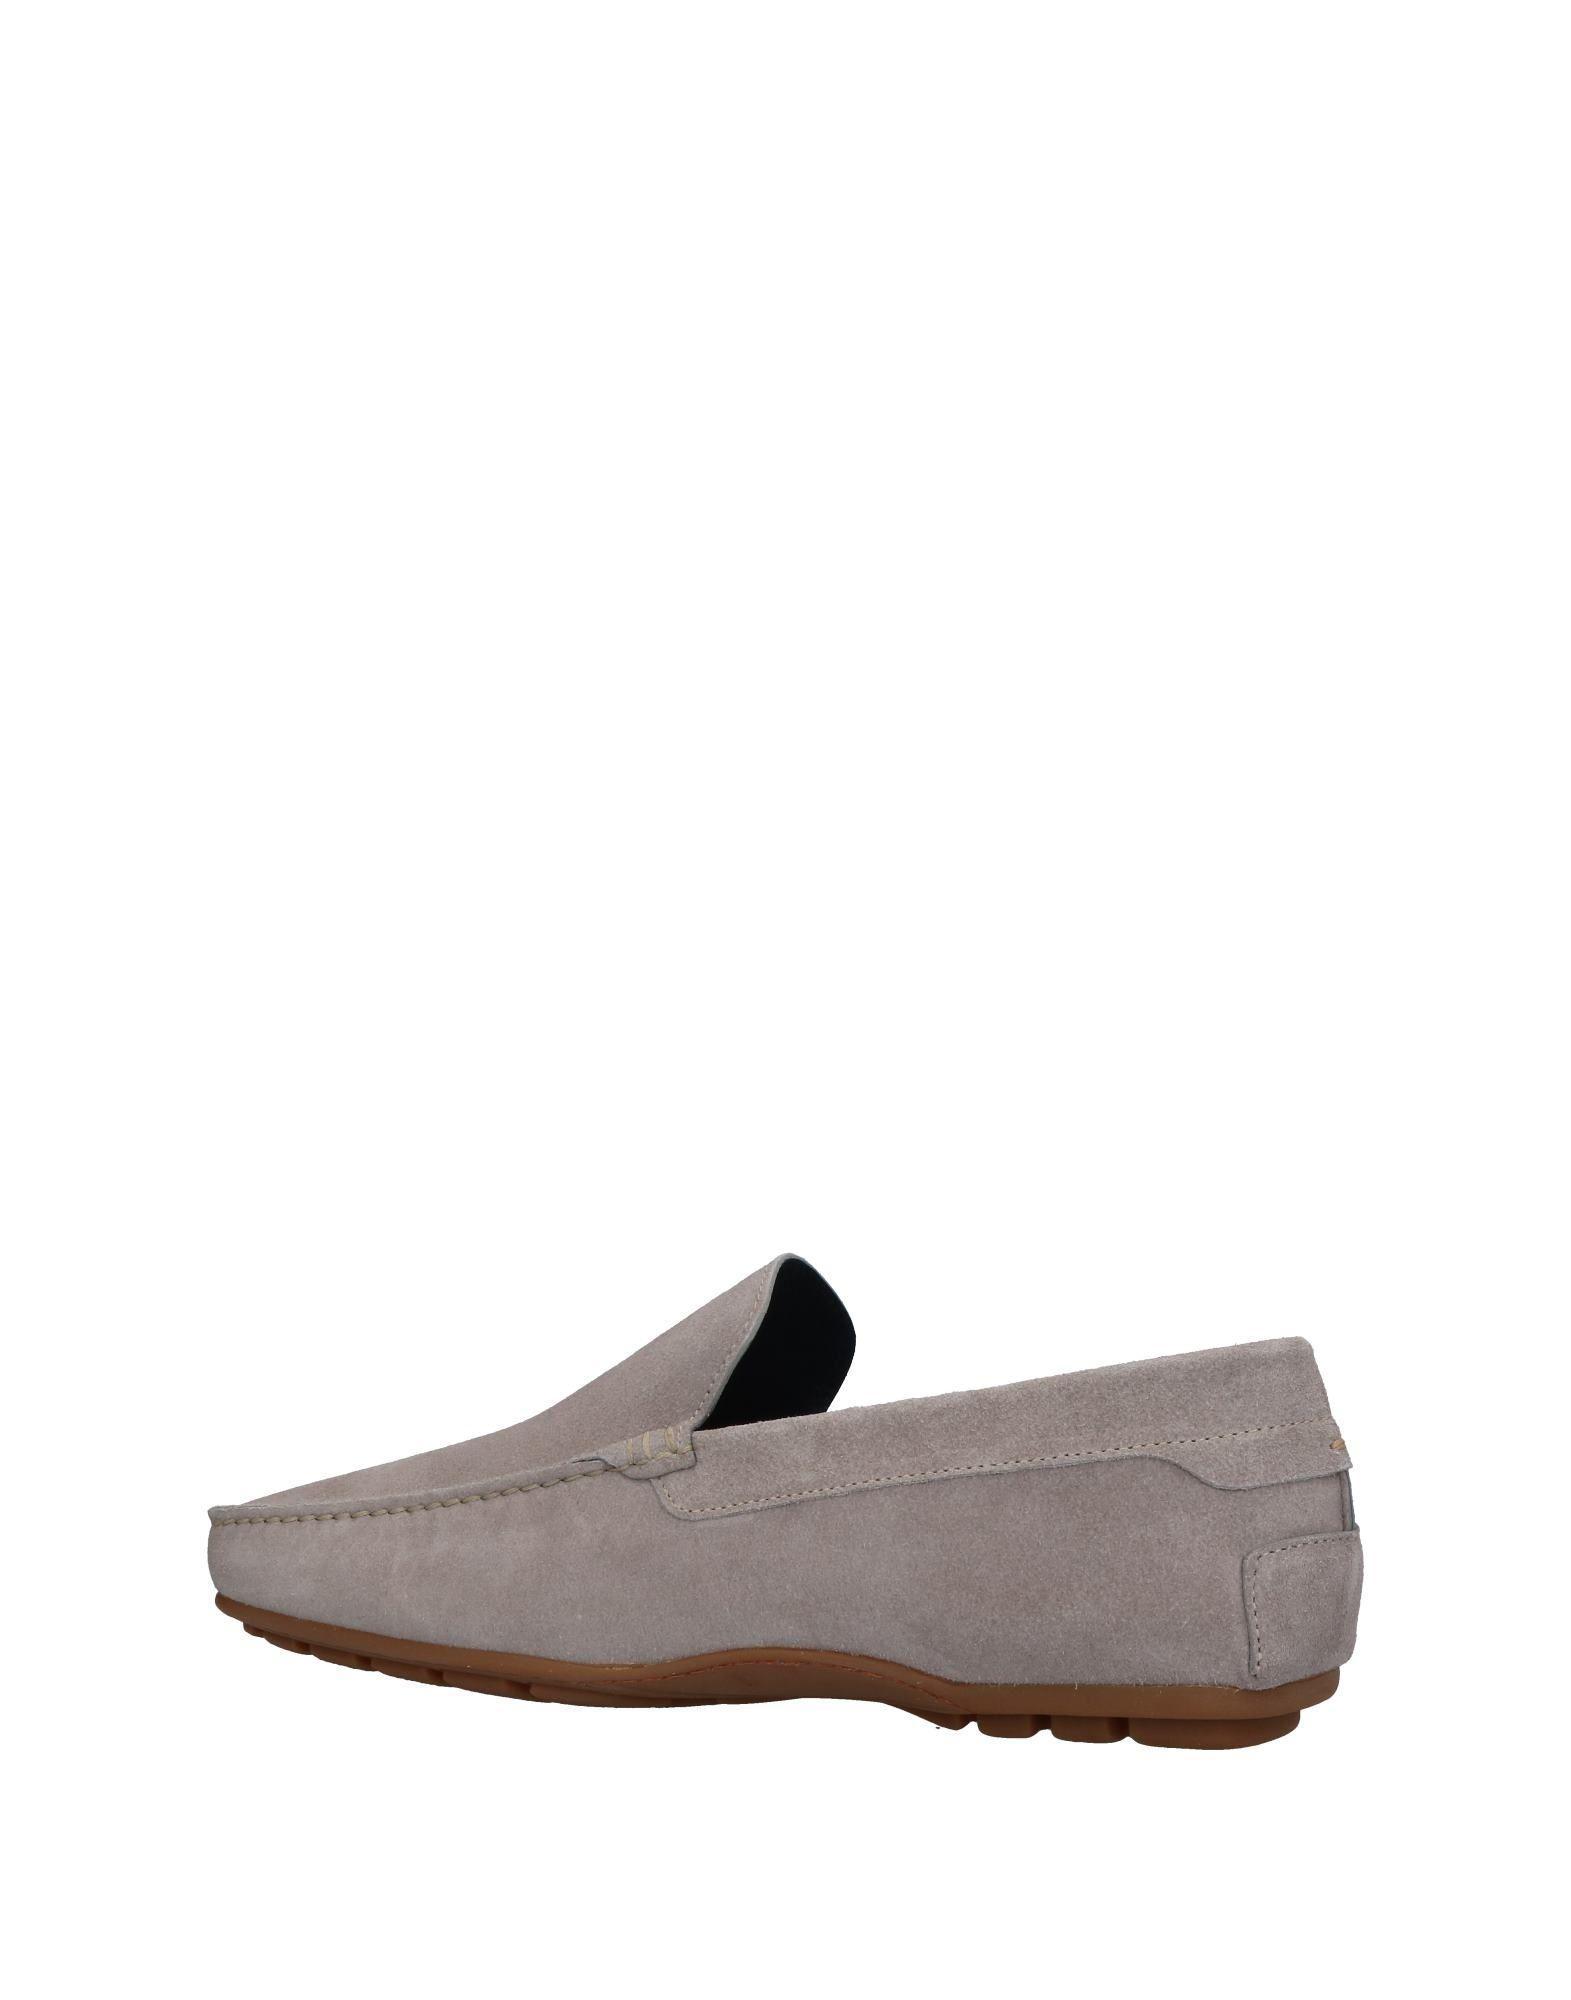 FOOTWEAR - Loafers Fabiano Ricci KGCJe